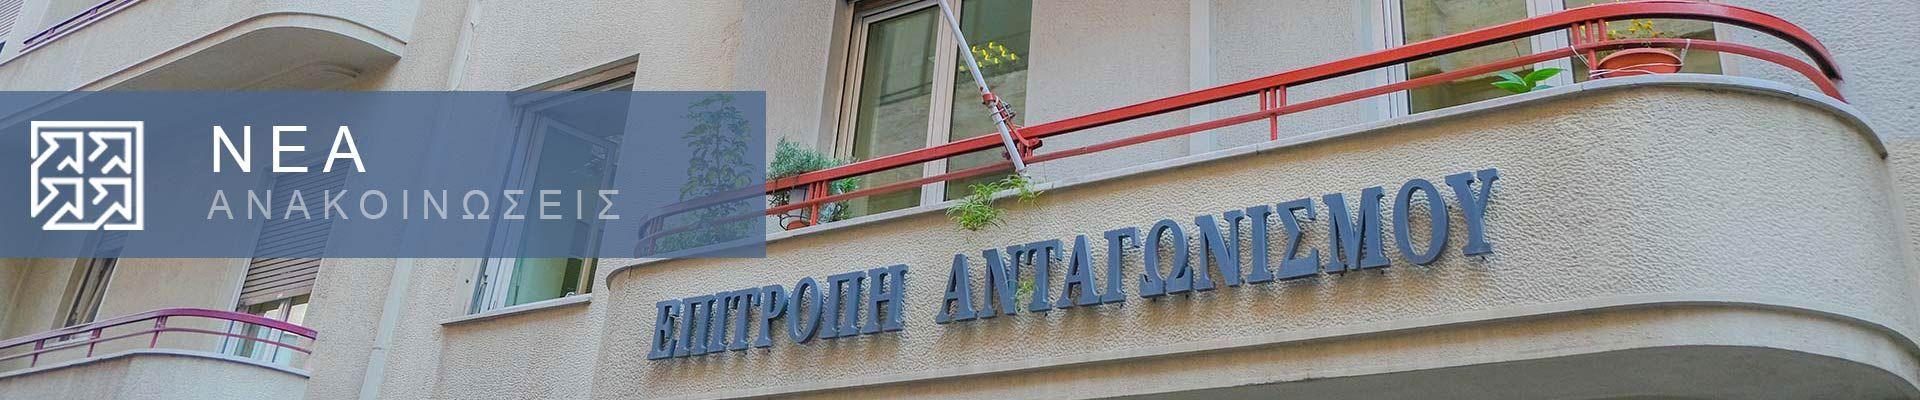 Σχετικά με δημοσιεύματα αναφορικά με τη μελέτη για την ανταγωνιστικότητα της ελληνικής αγοράς δεδομένων κινητού δικτύου